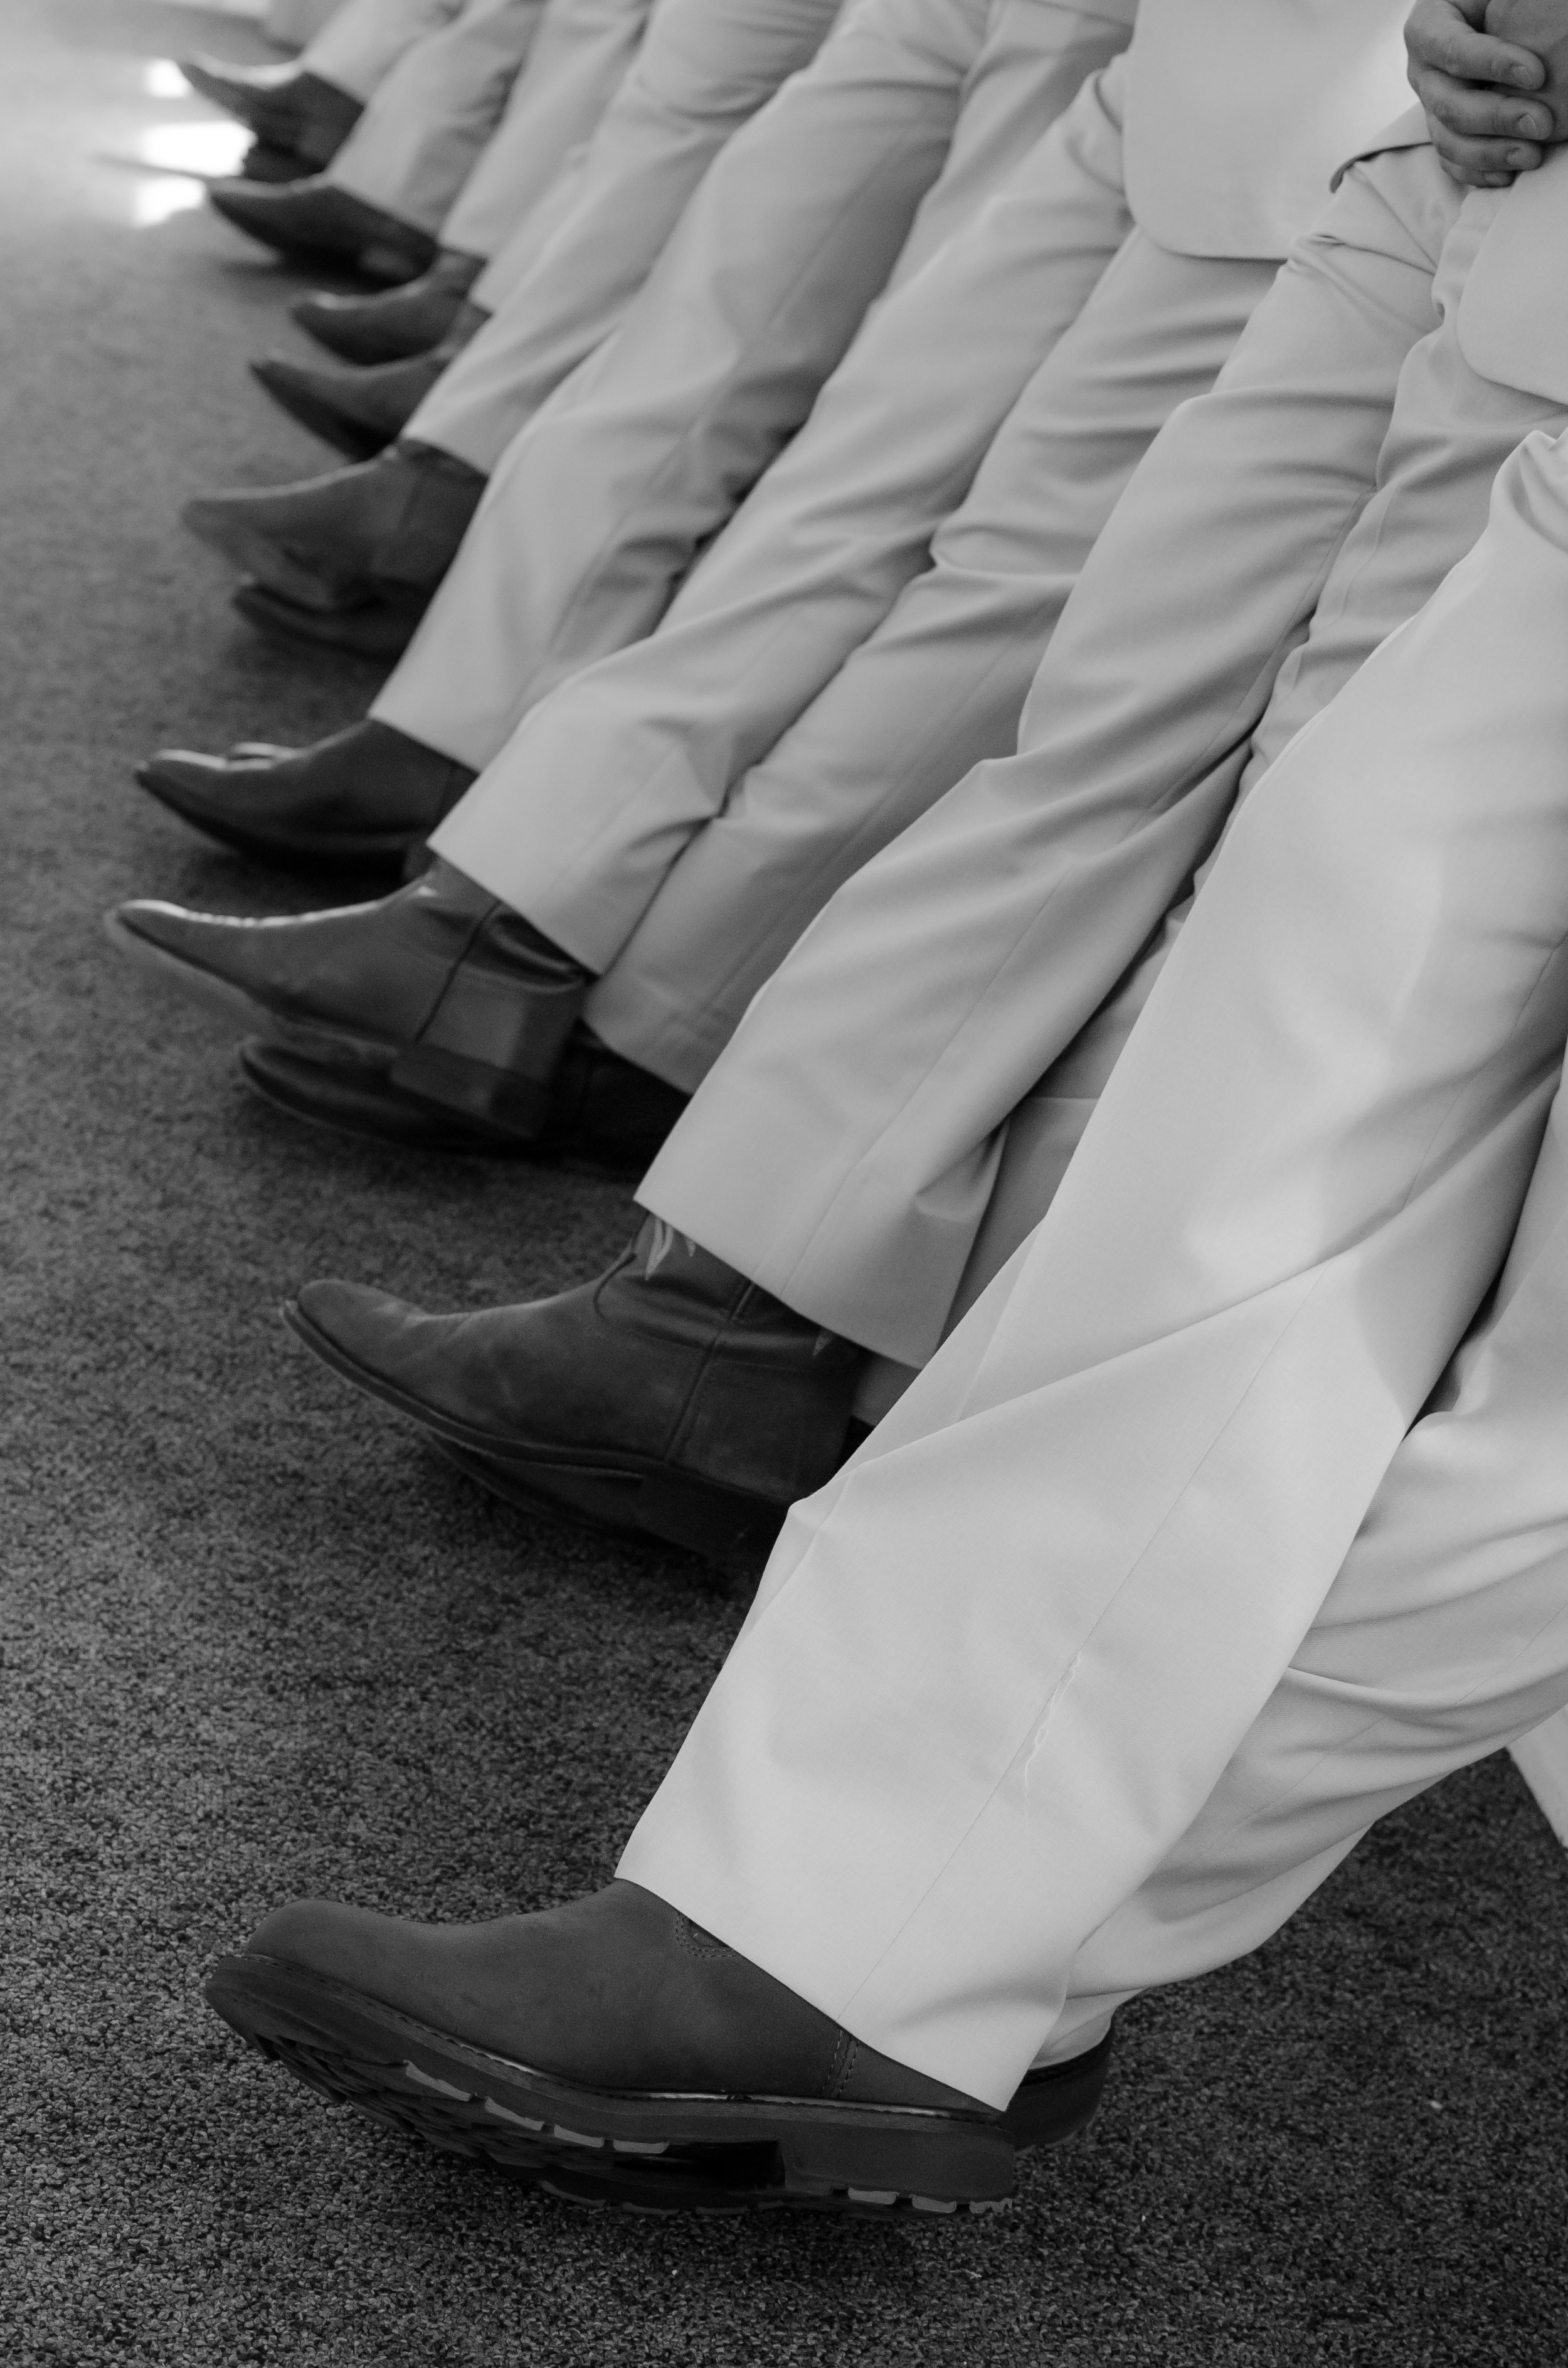 pre-ceremony-69-2.jpg